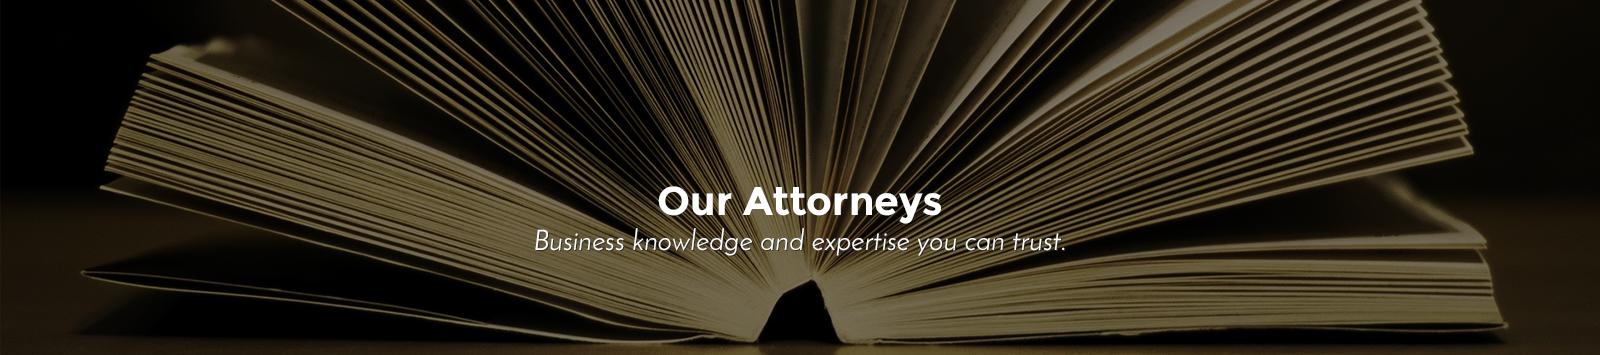 attorneys-banner